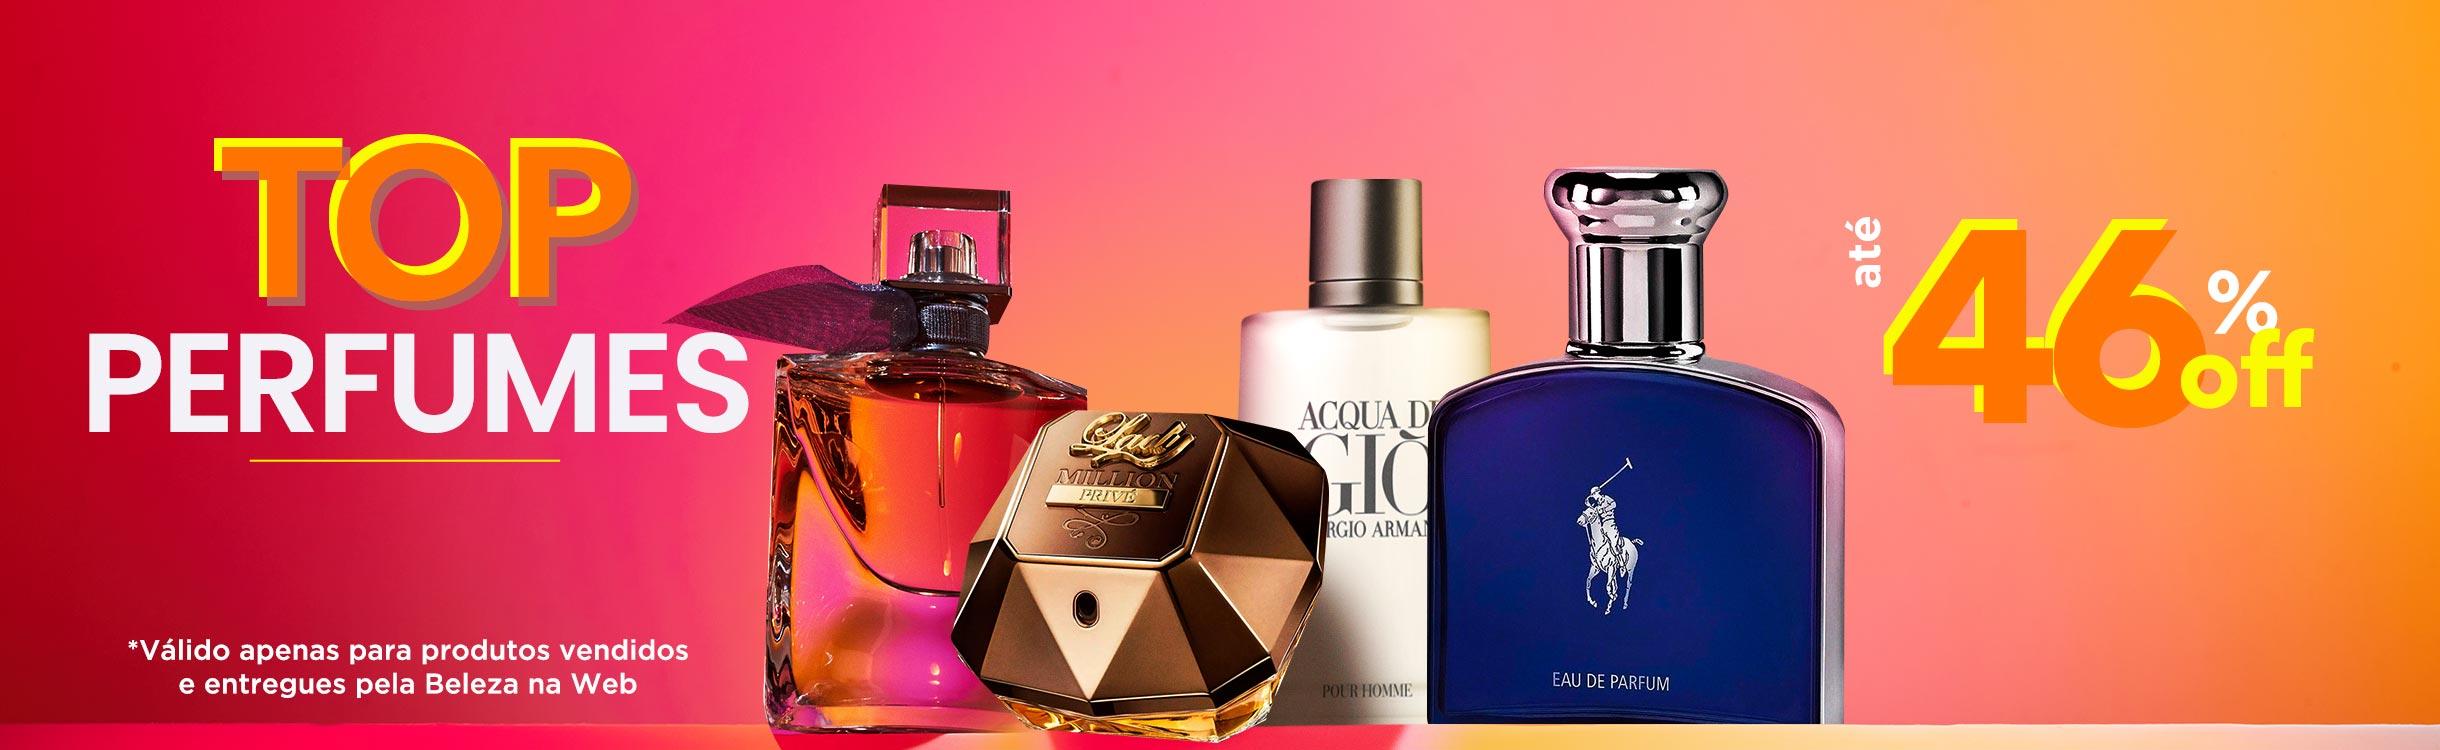 Mega Liquida | Top Perfumes